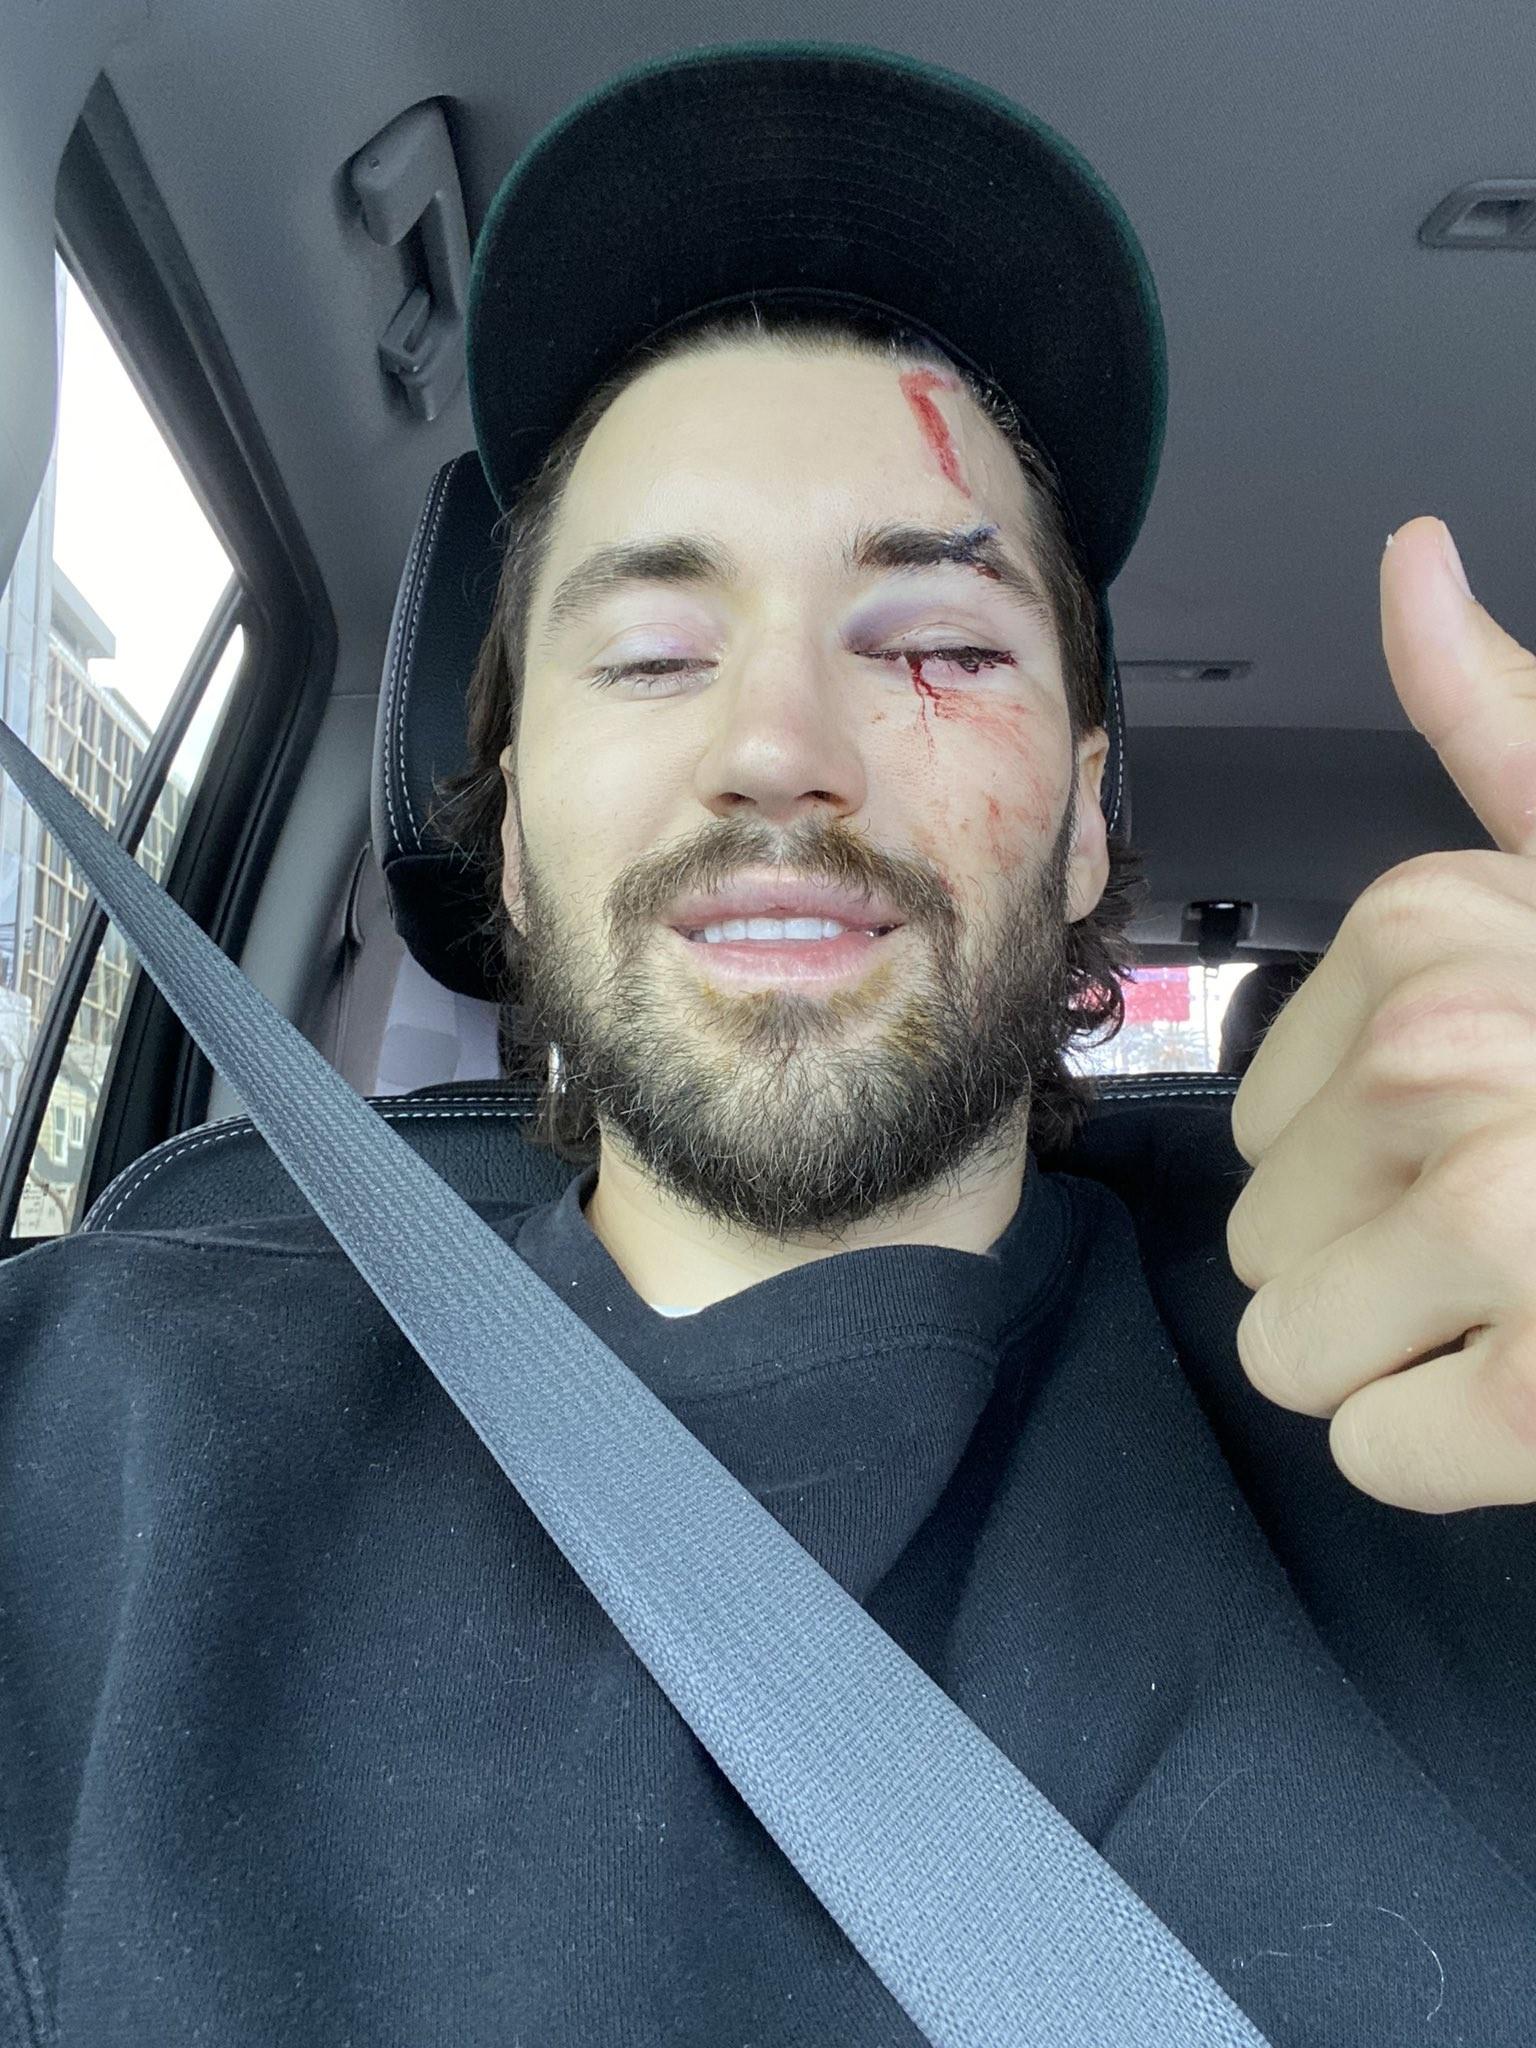 ▲▼維泰克在挖土機事故後,眼窩留下傷疤。(圖/翻攝自Twitter@jeffwittek)